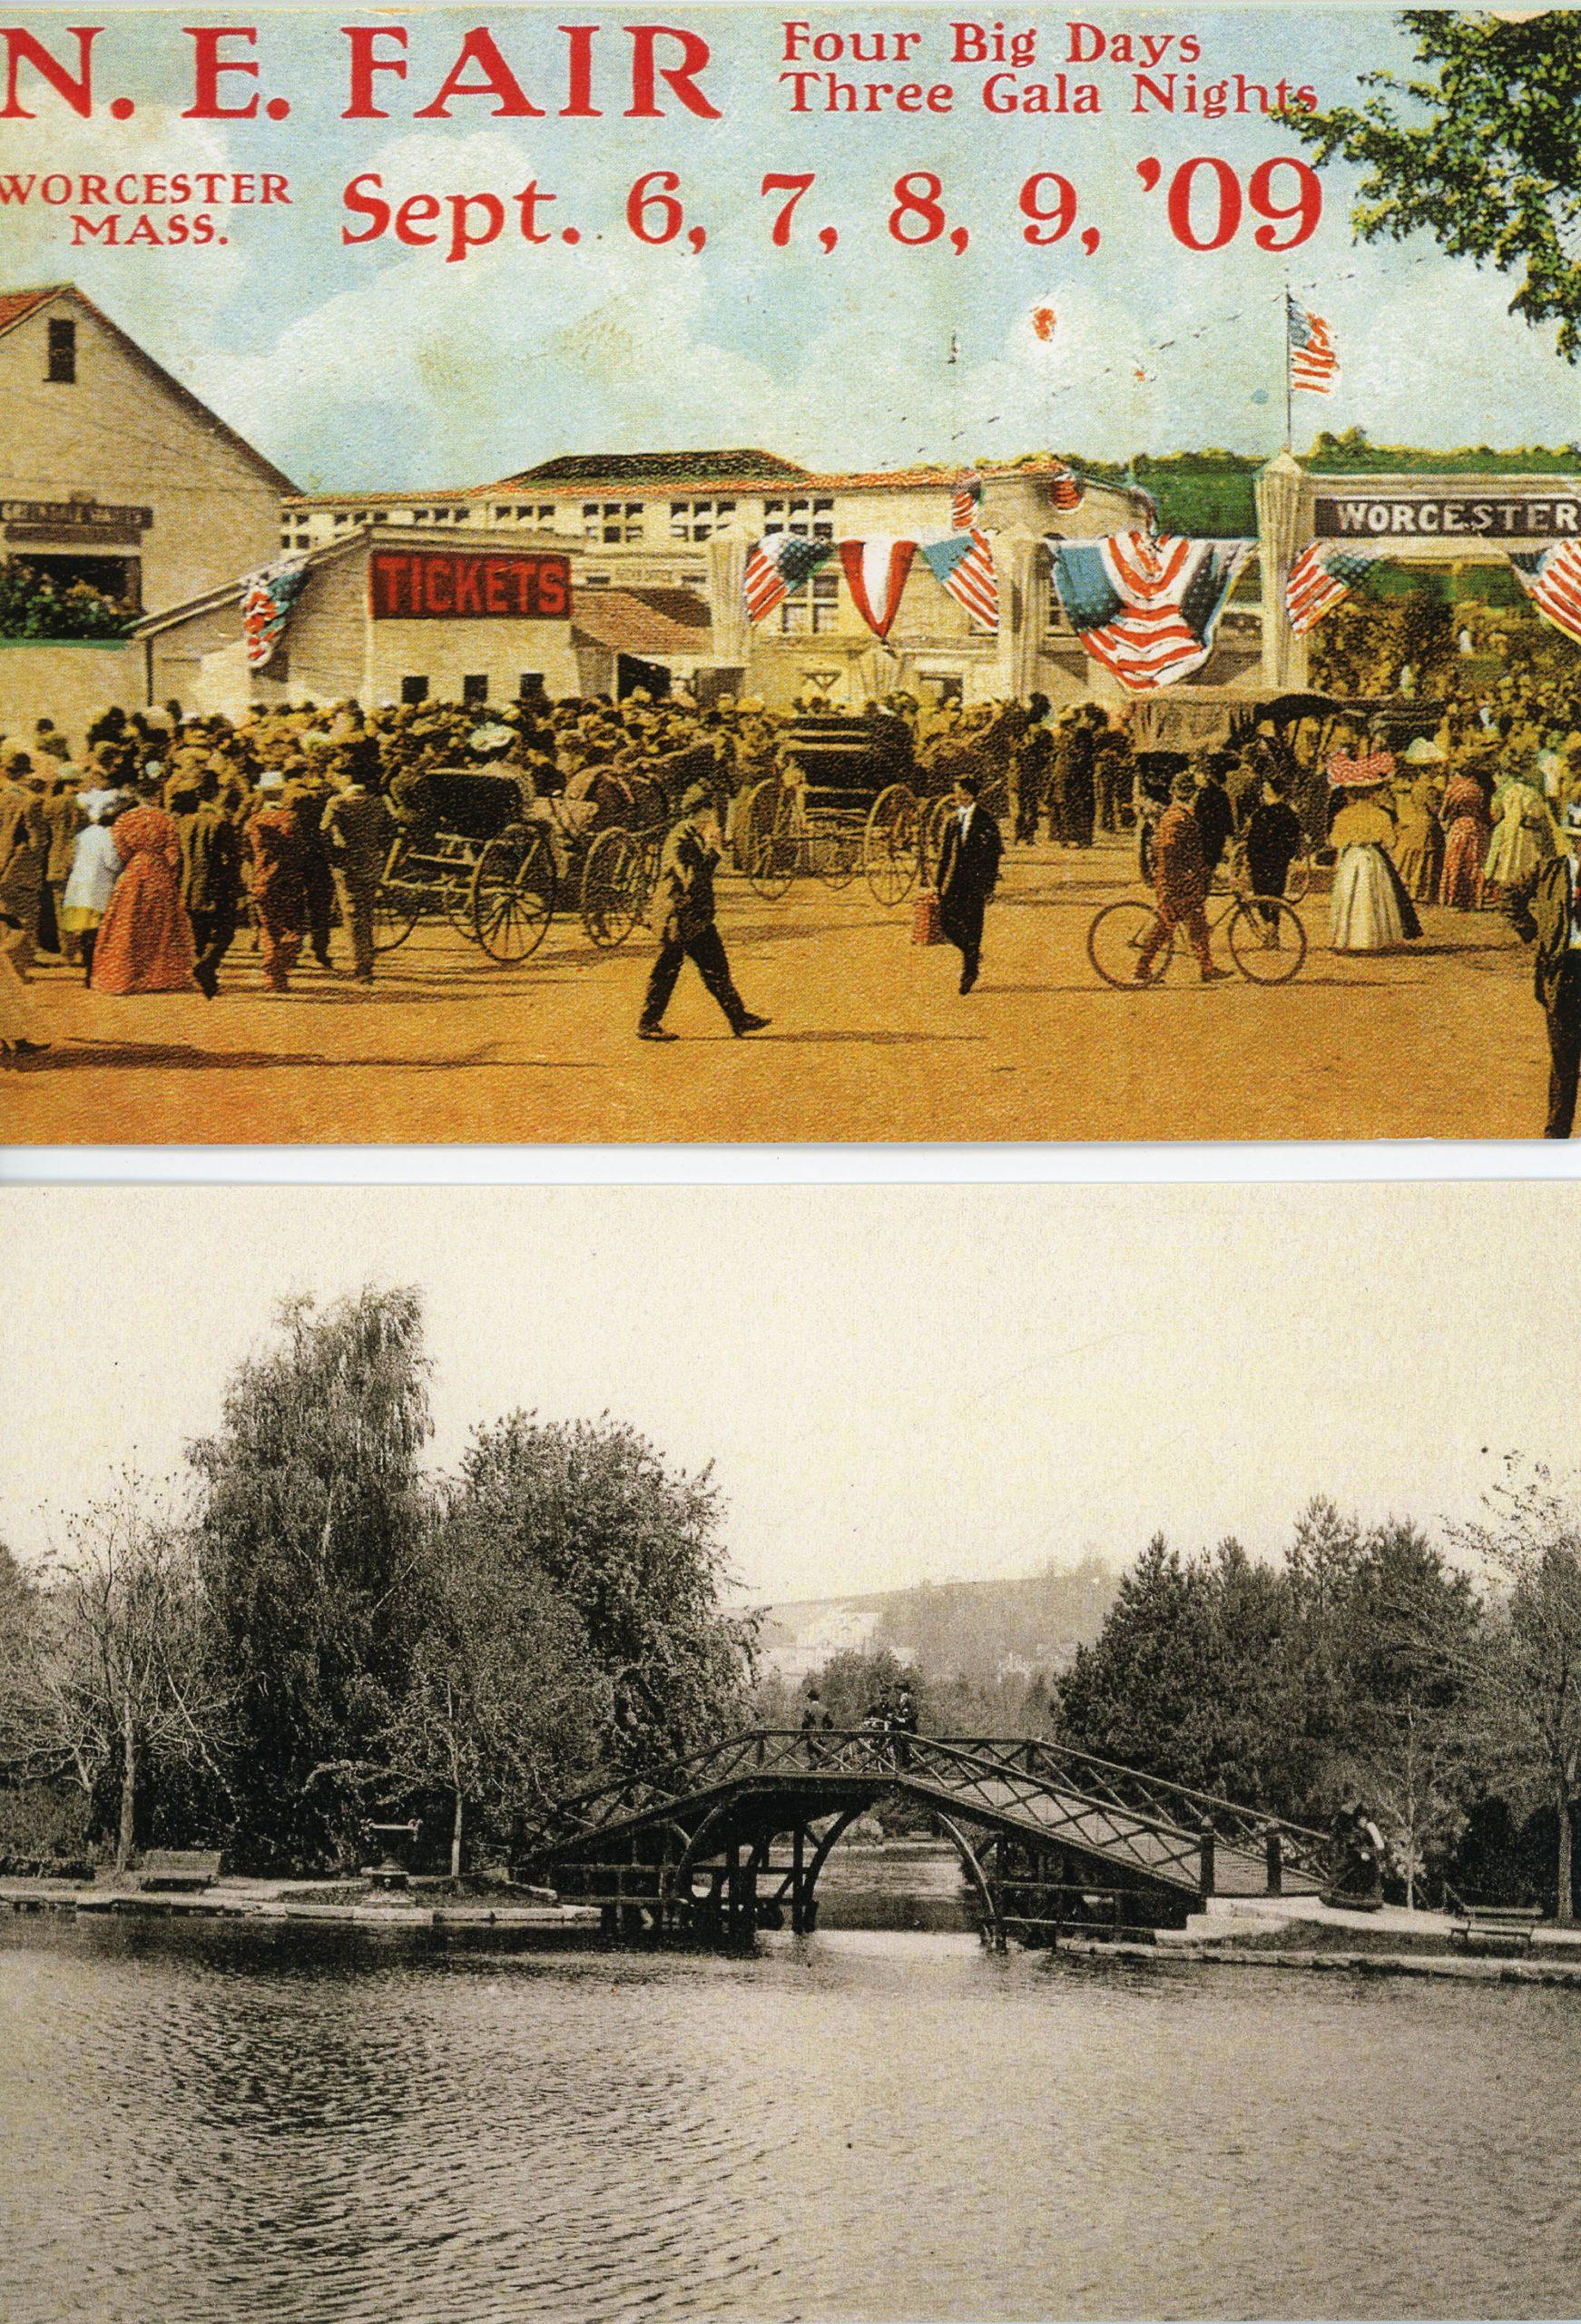 Worcester Postcards